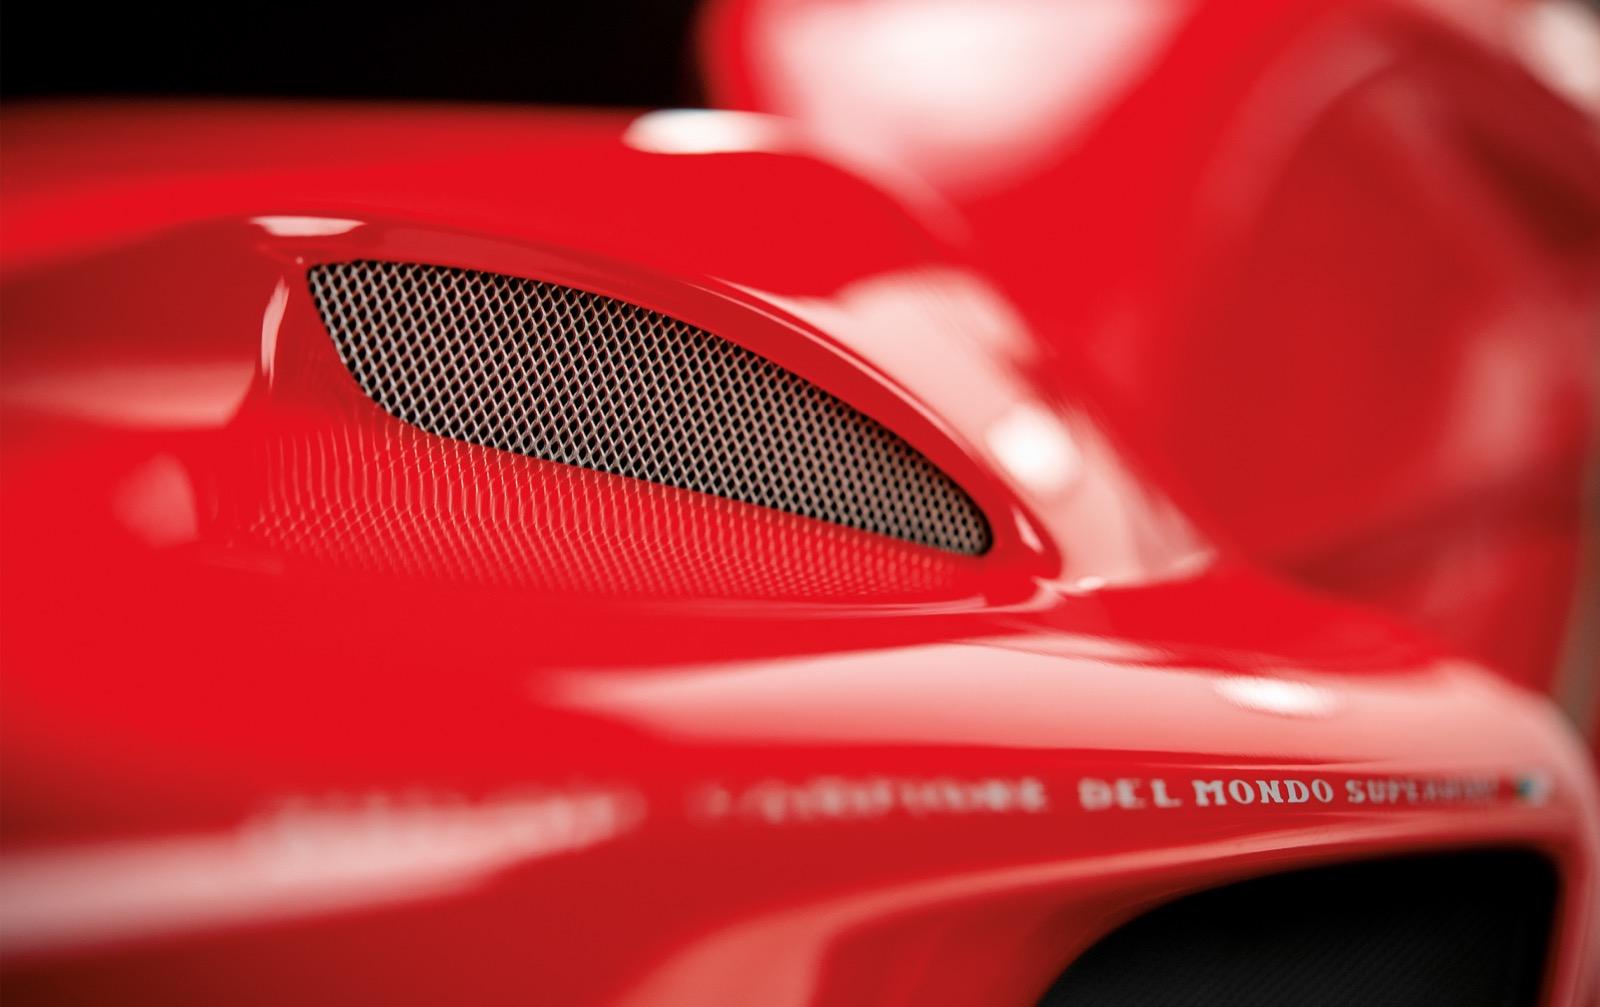 330 páginas de espectacular diseño Ducati y fotografía